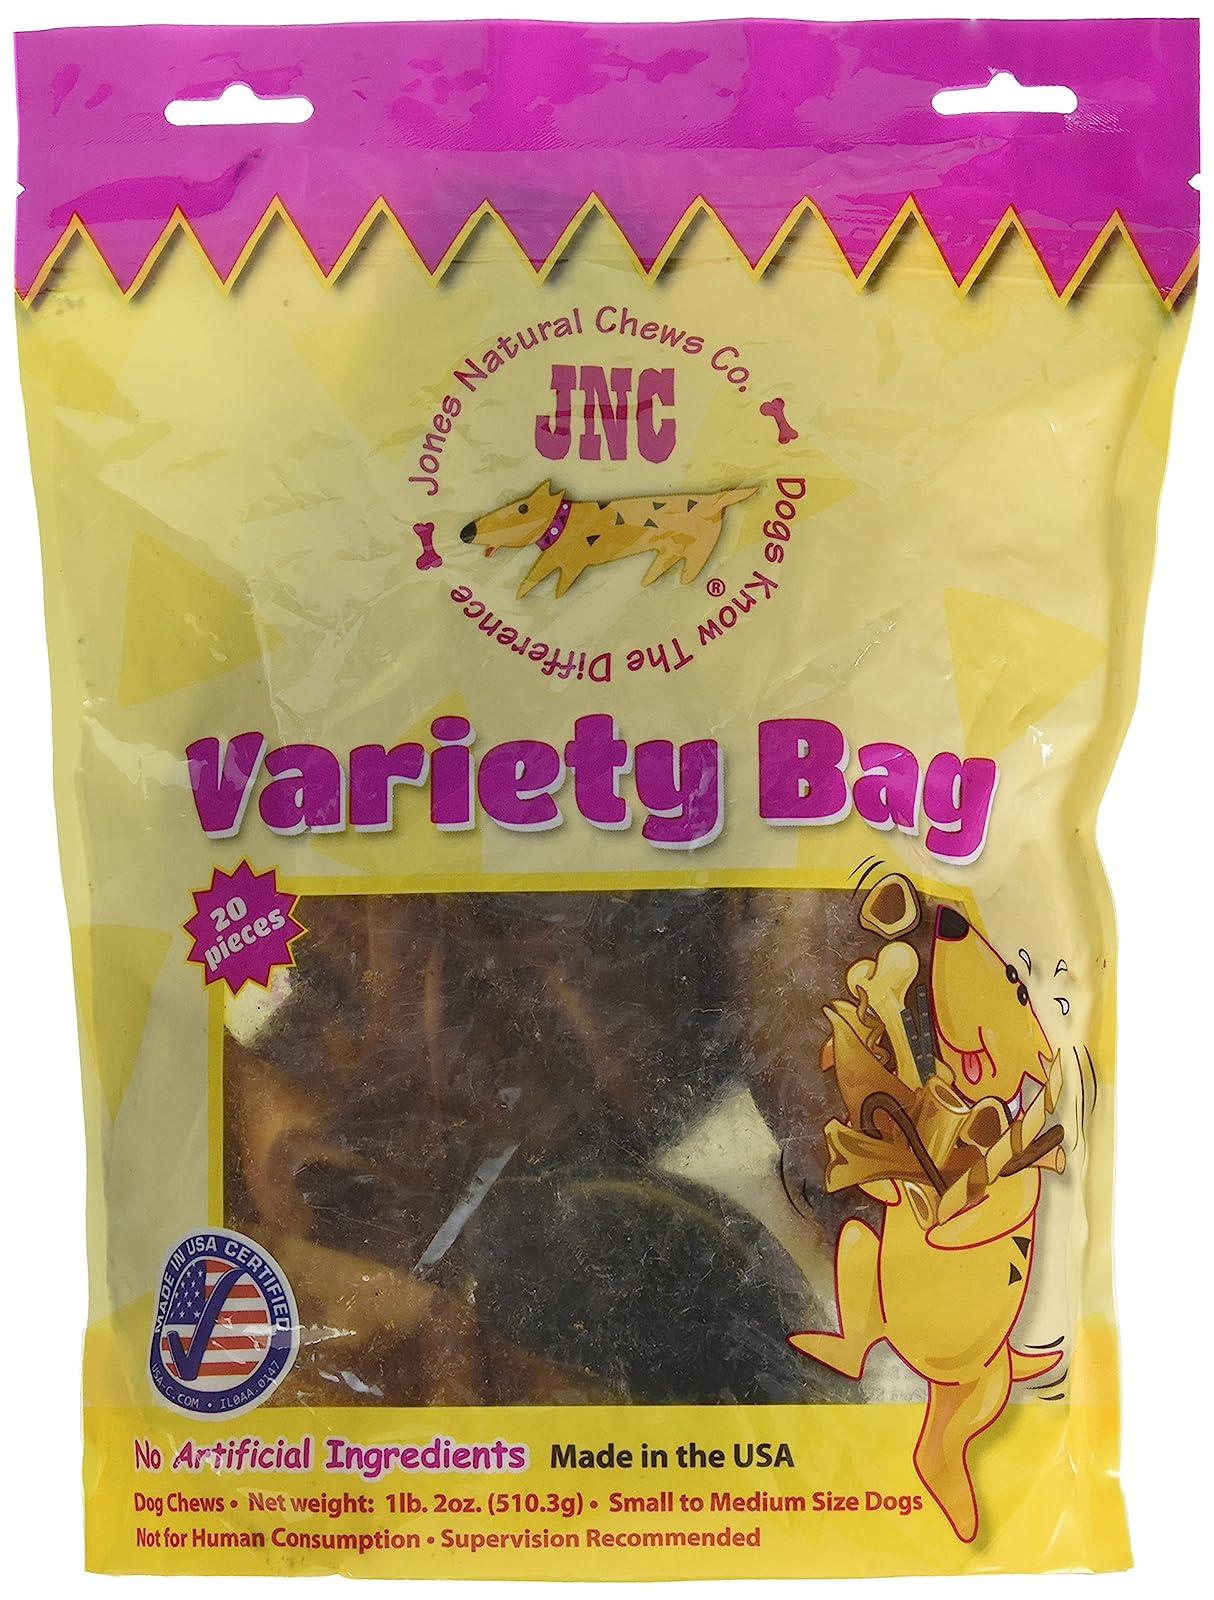 Jones Natural Chews Co. 090-05028 Jones 741956050281 - 2